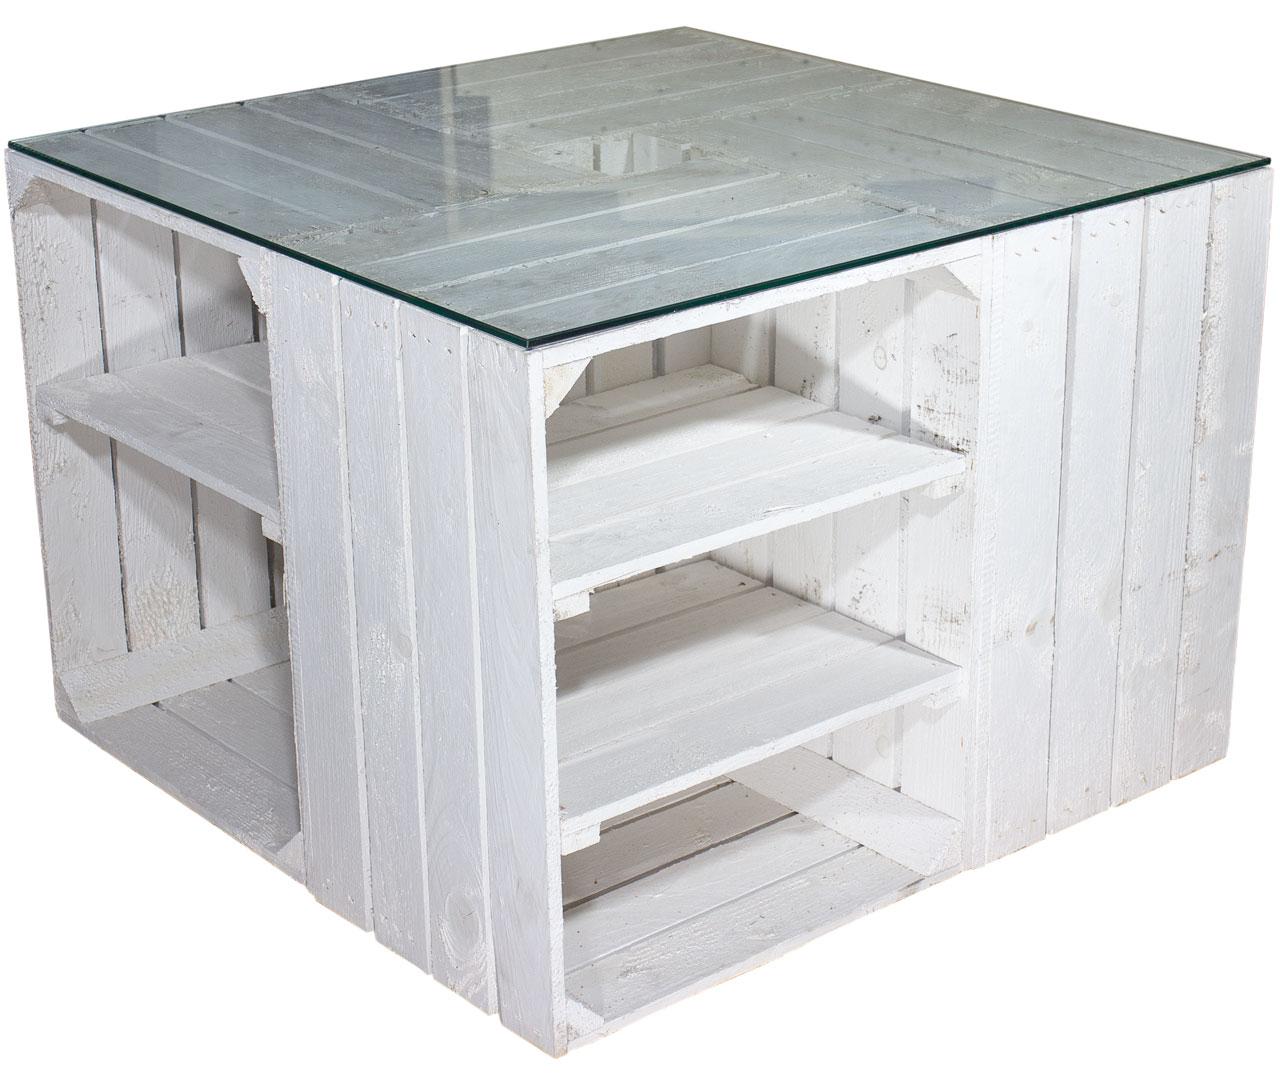 Weinkisten Shop möbel couchtisch aus weißen regalkisten inkl glasplatte 70x70x50cm